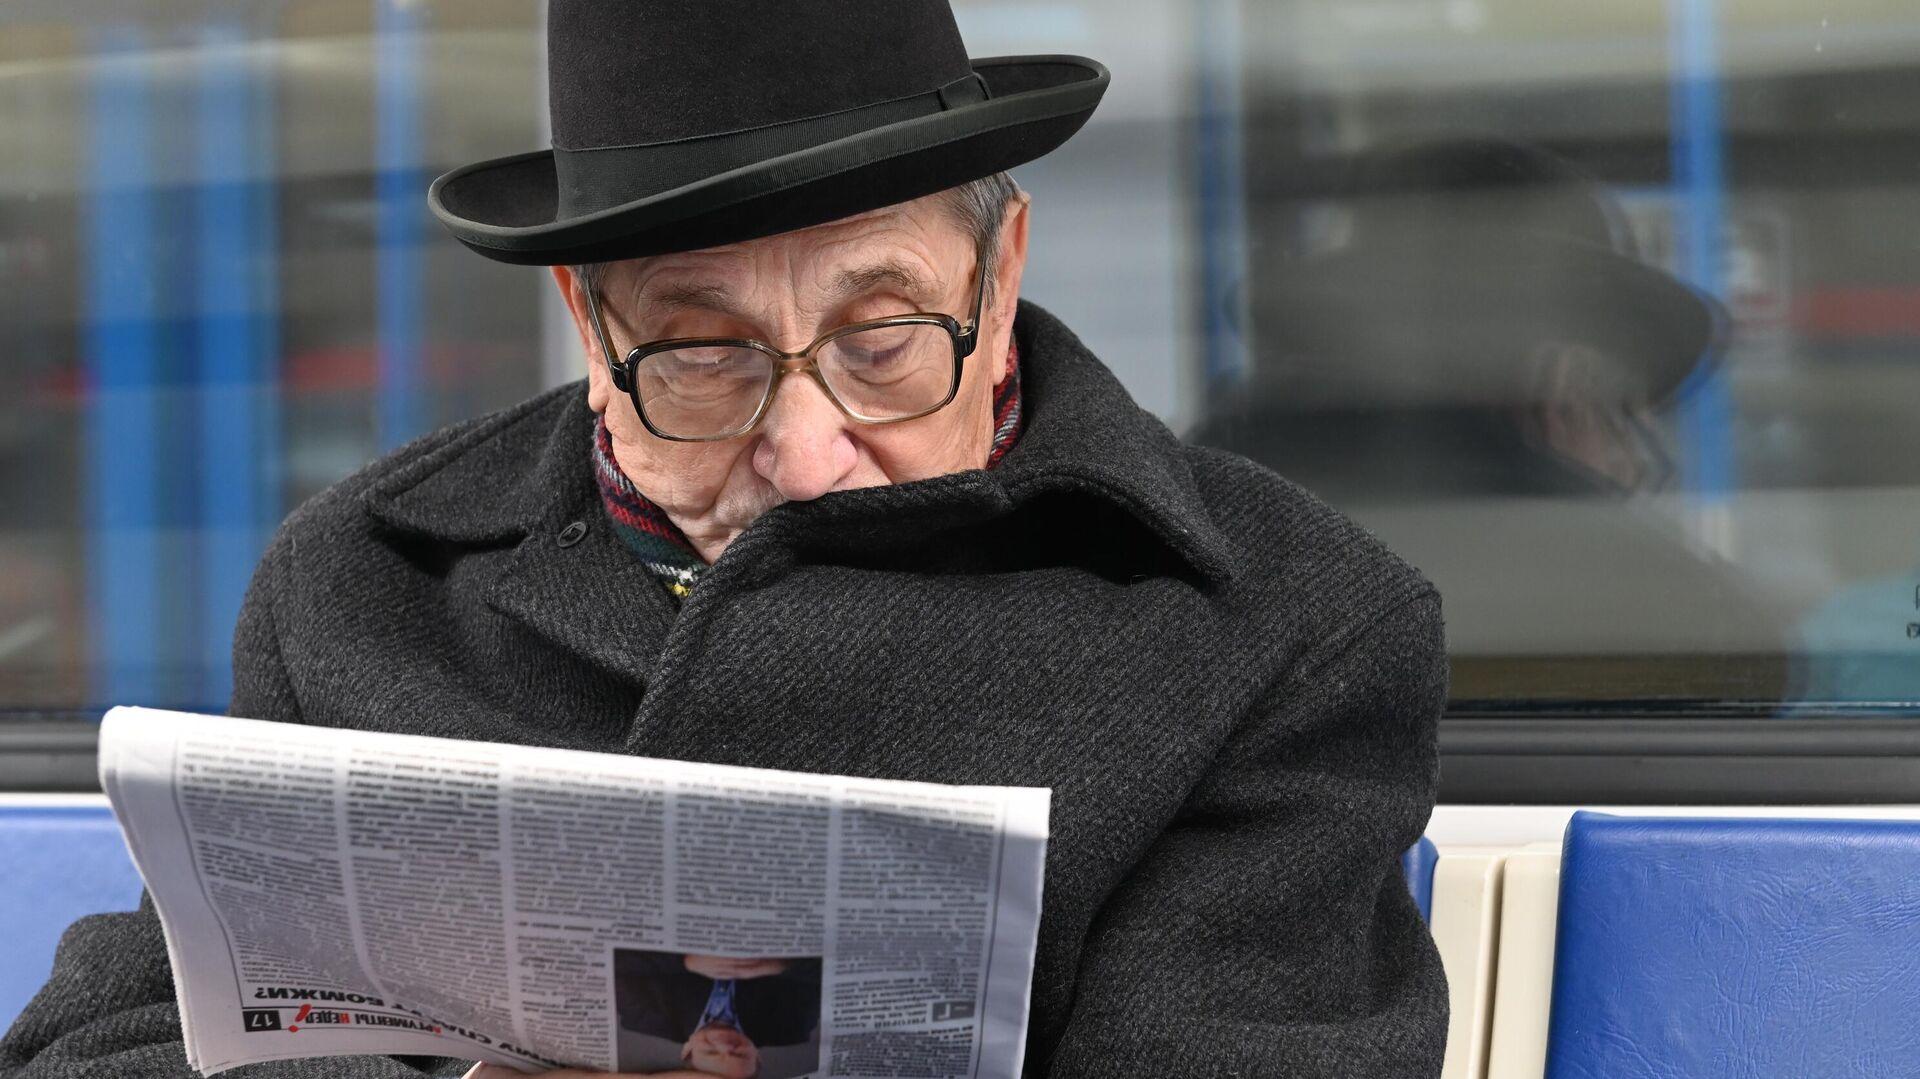 Мужчина читает газету во время поездки в метро - РИА Новости, 1920, 16.01.2021